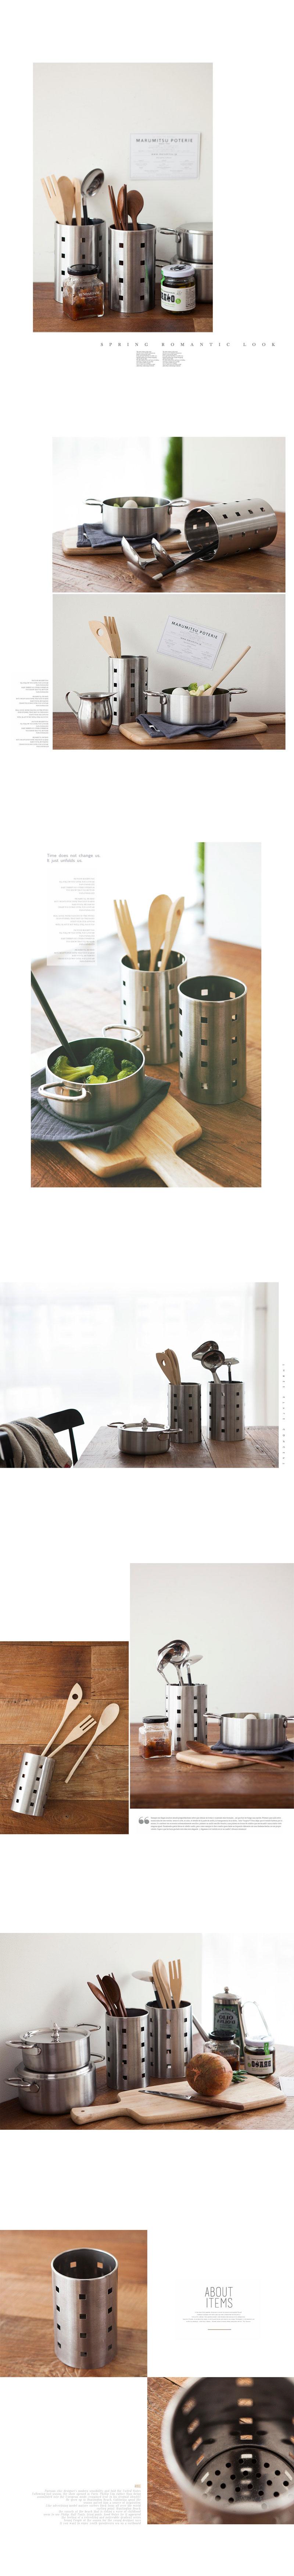 테라 사각홀원형수저통(2size) - 안나하우스, 11,000원, 주방소품, 주방 소모품